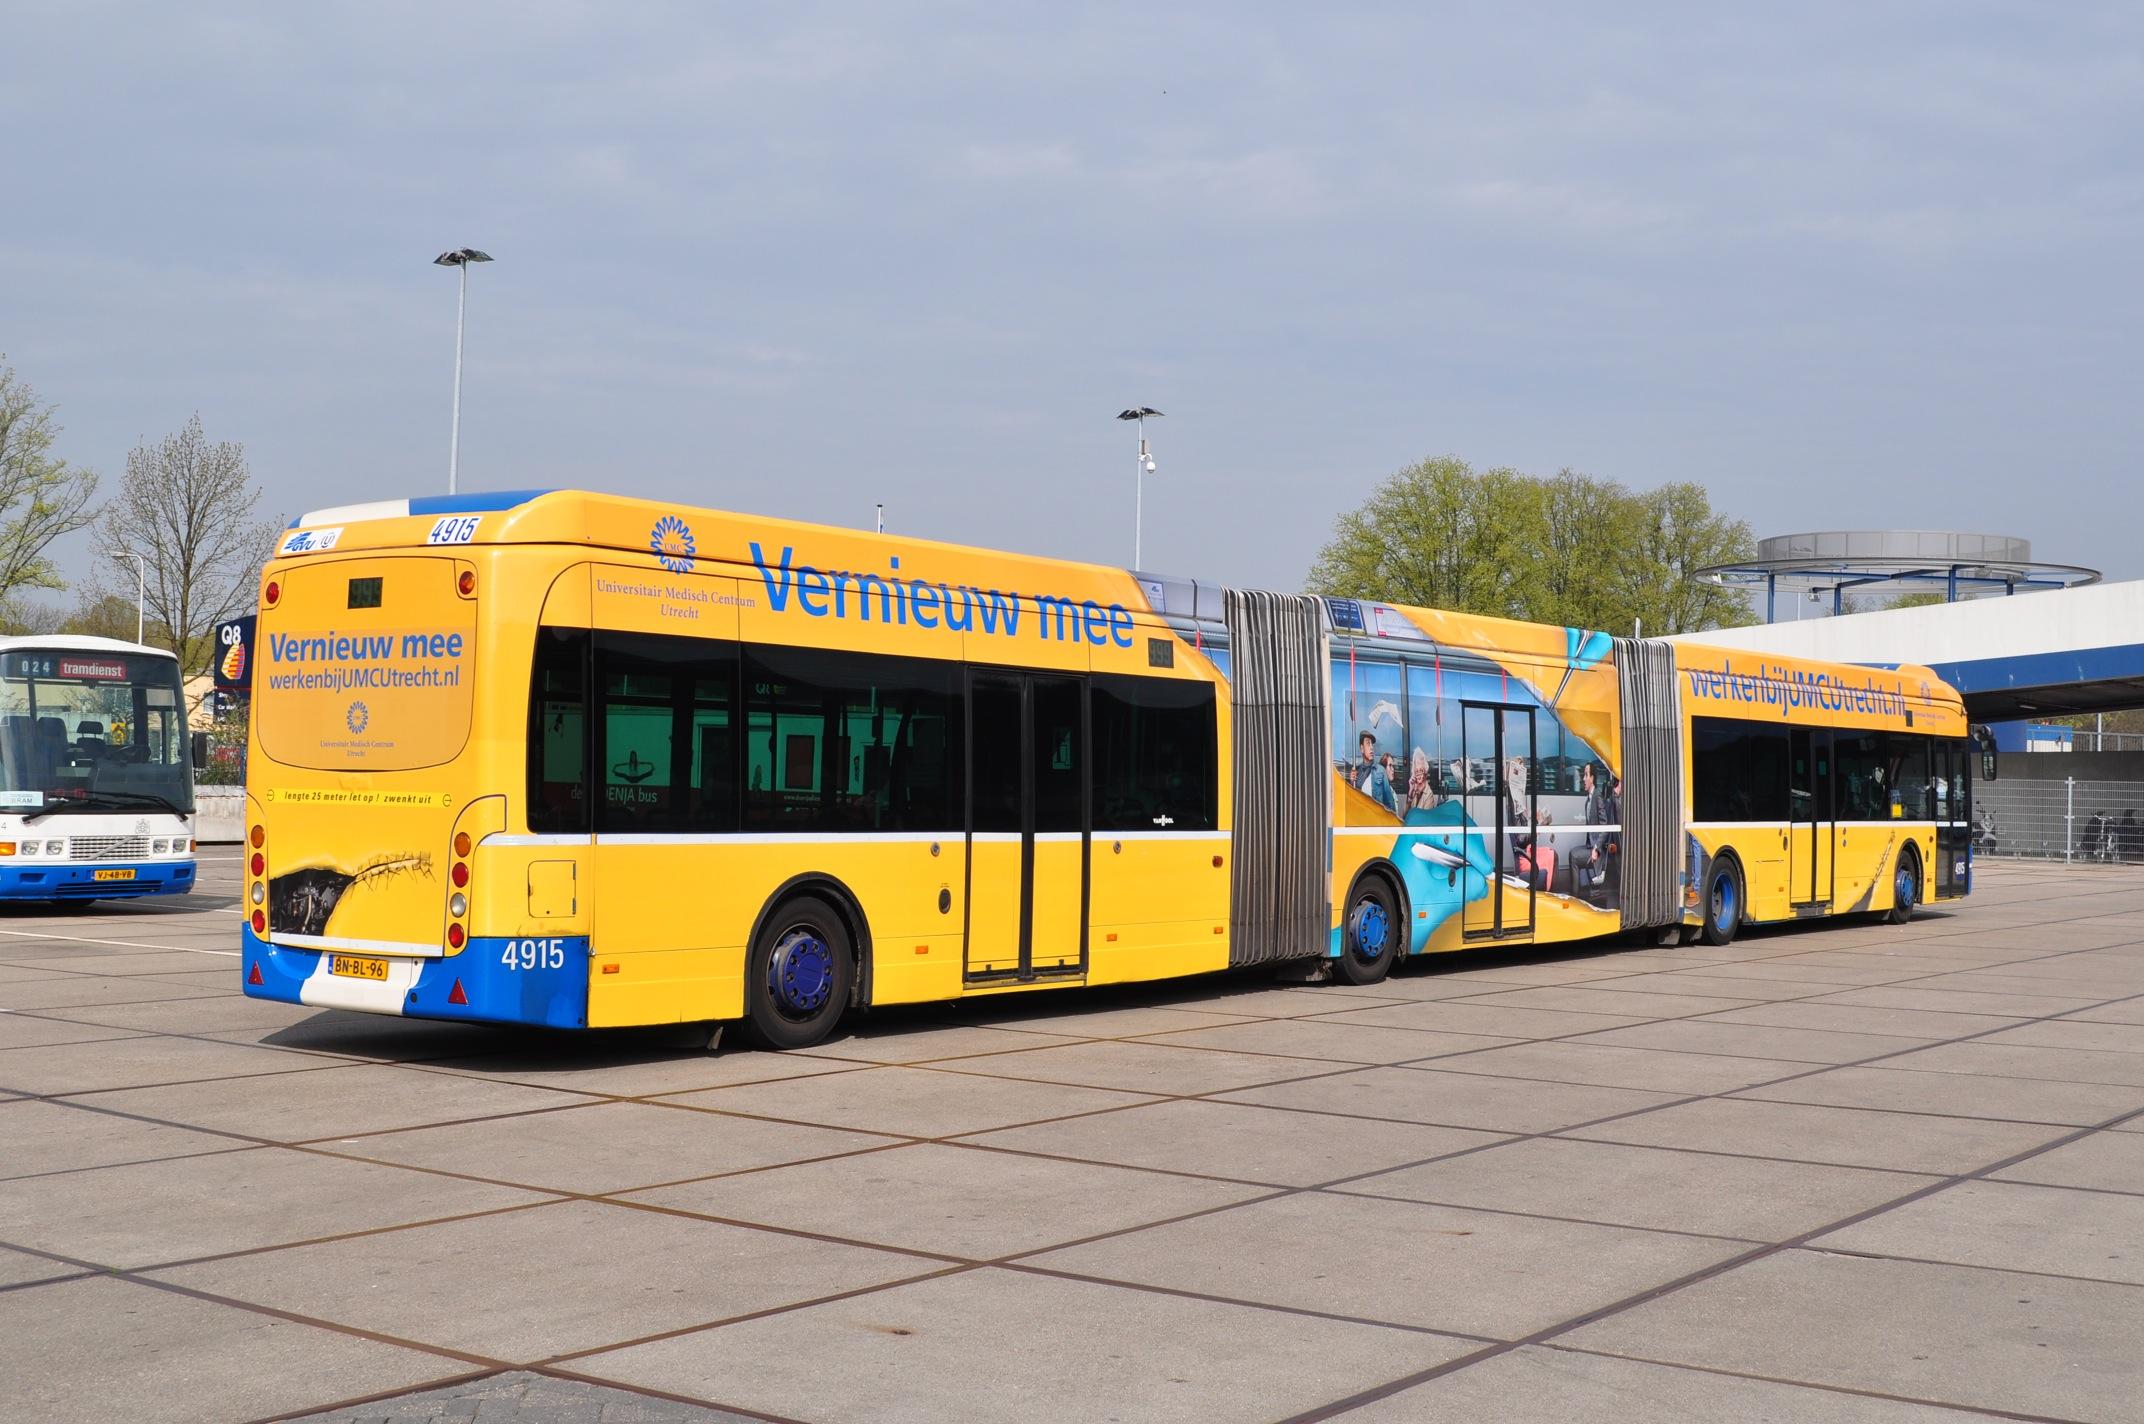 University Of Utrecht Bus Branding Window Perf